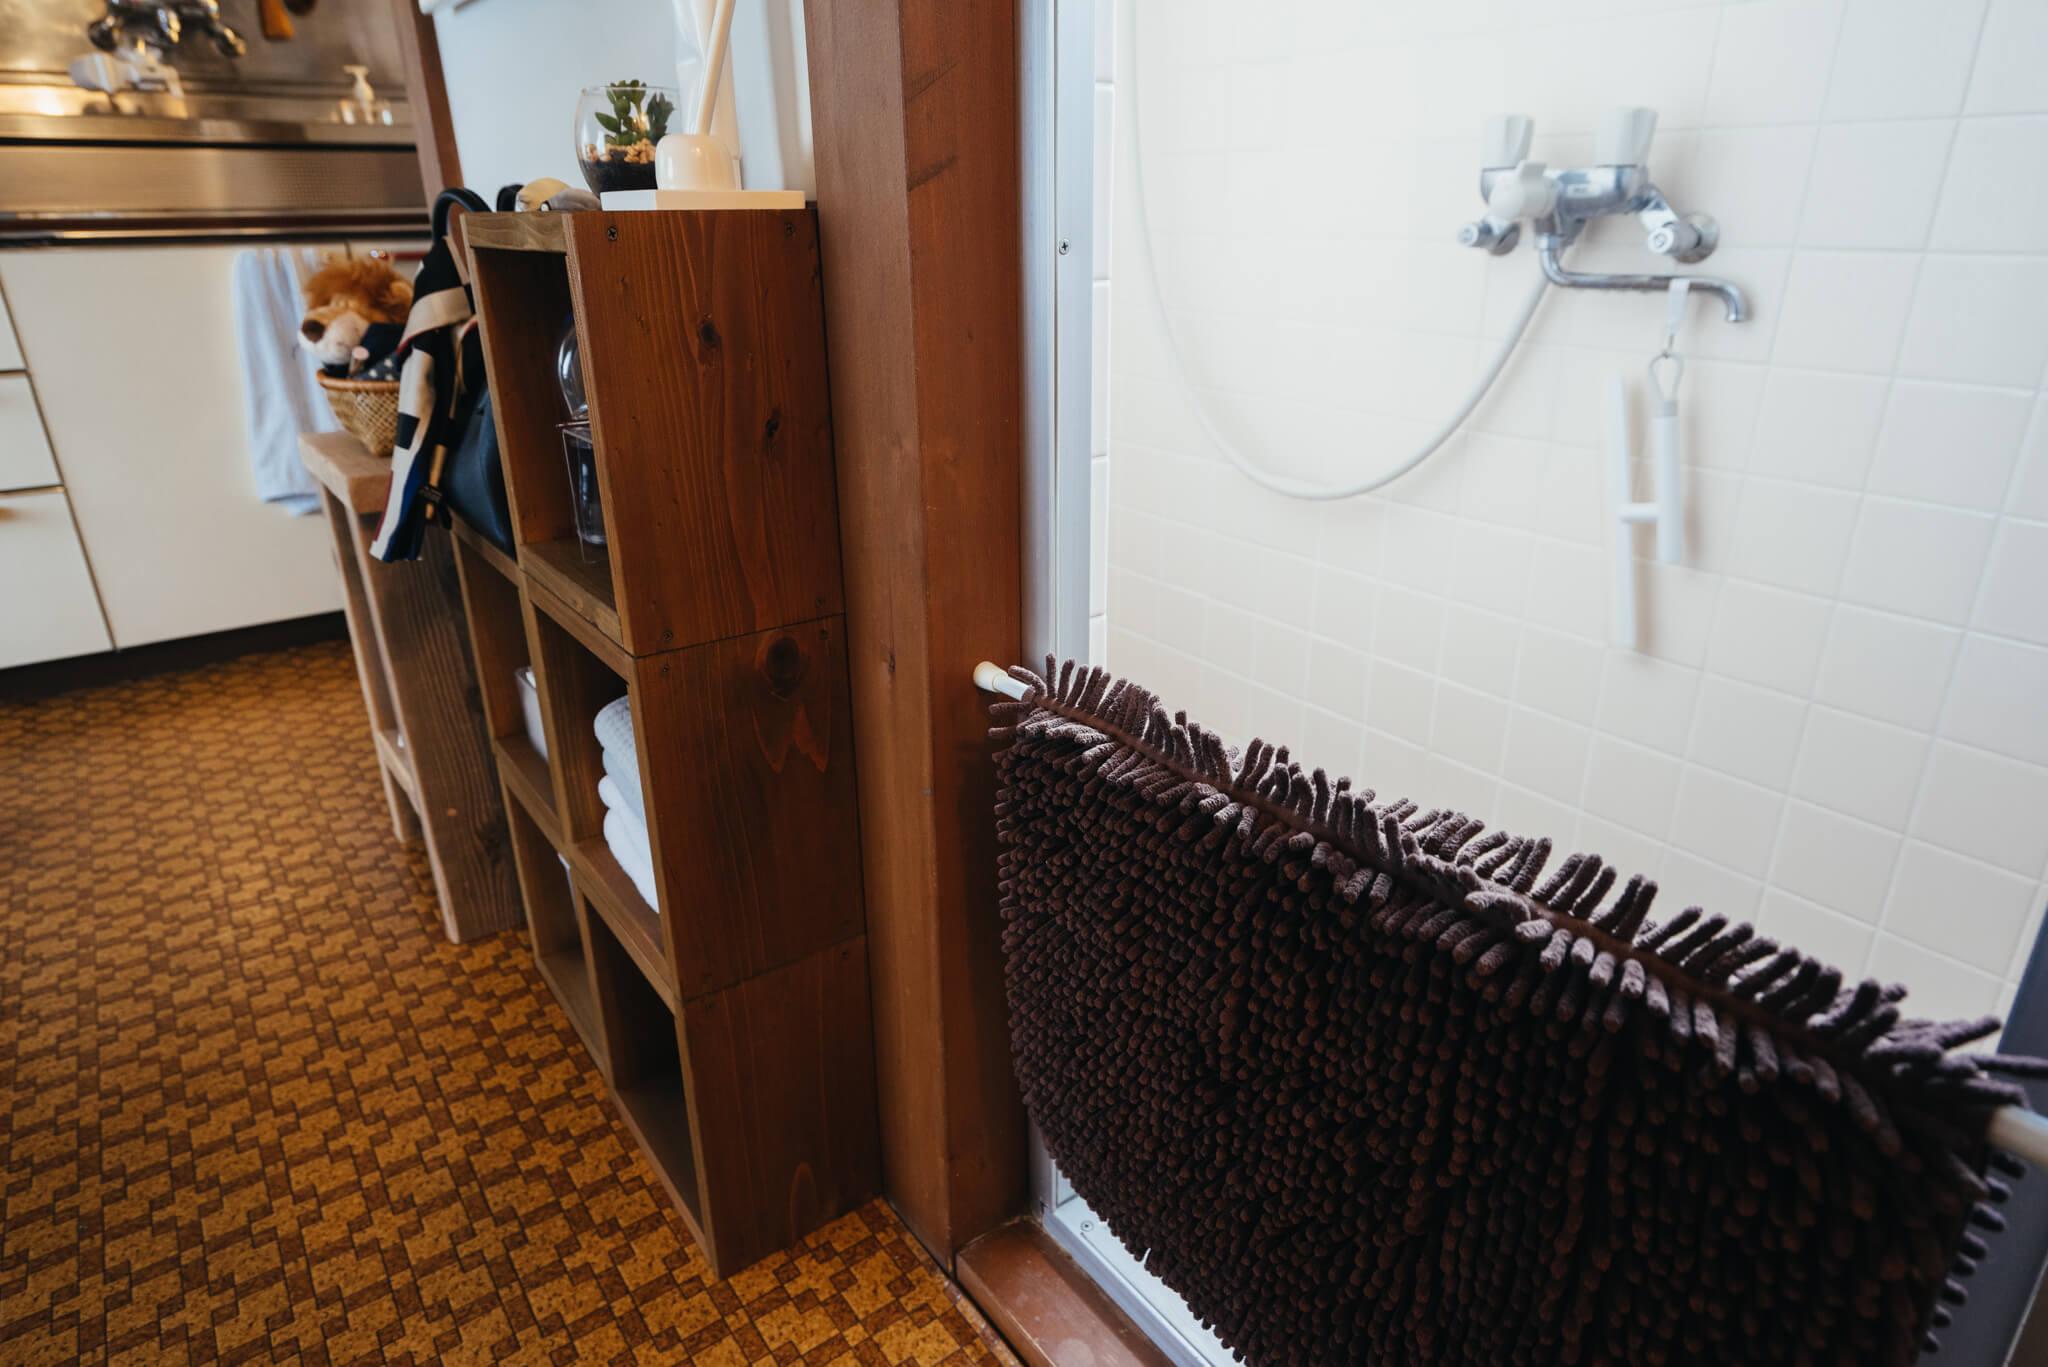 脱衣所がないお部屋の場合、こんな風にバスマットも突っ張り棒を利用してかけておくと便利です。(このお部屋はこちら)